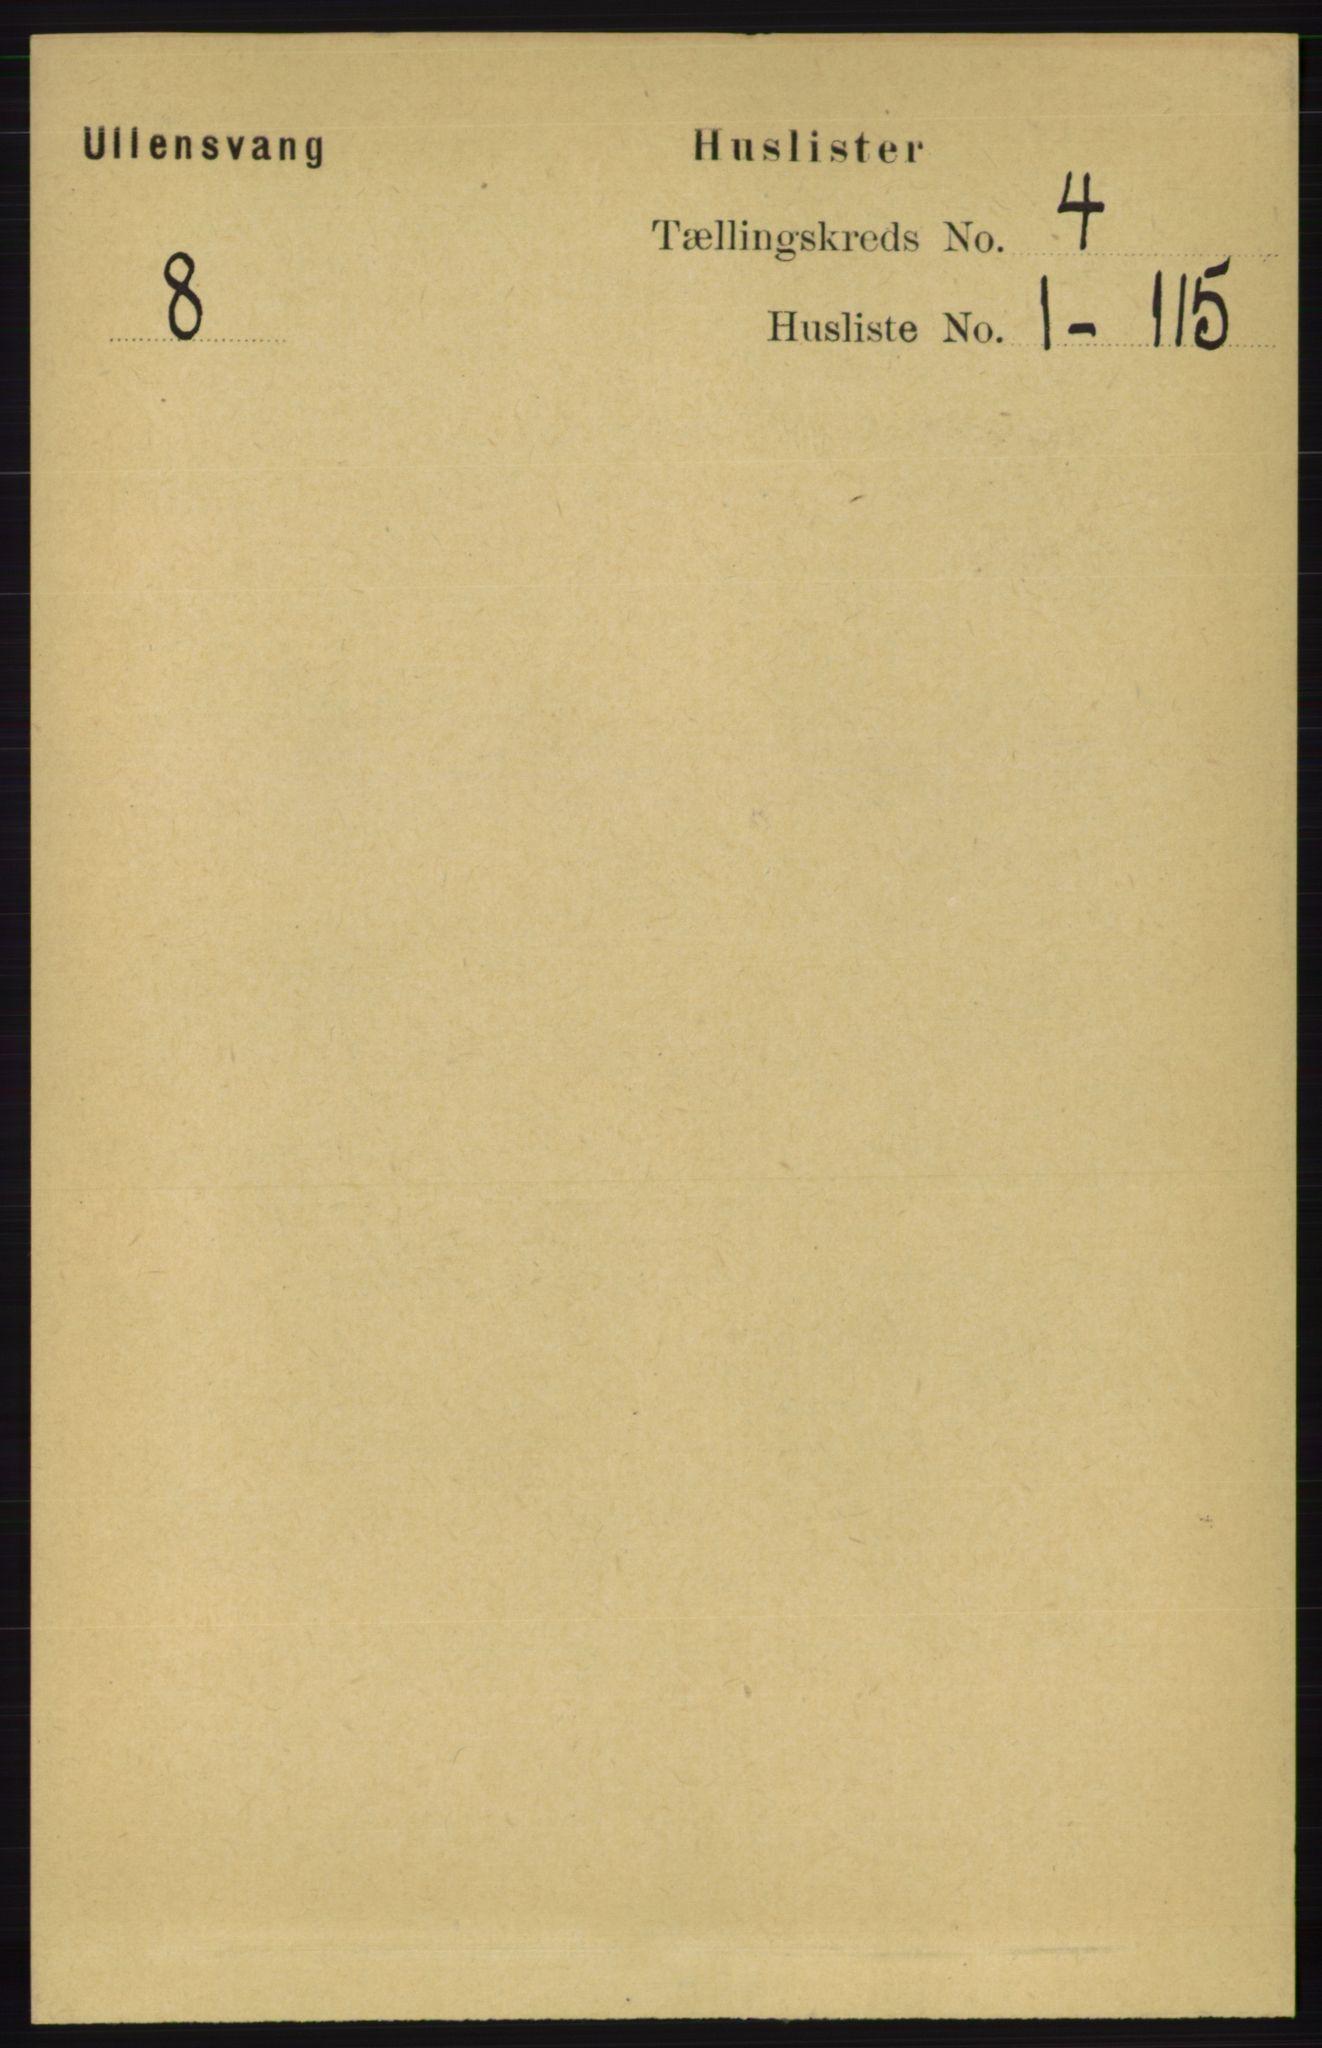 RA, Folketelling 1891 for 1230 Ullensvang herred, 1891, s. 857